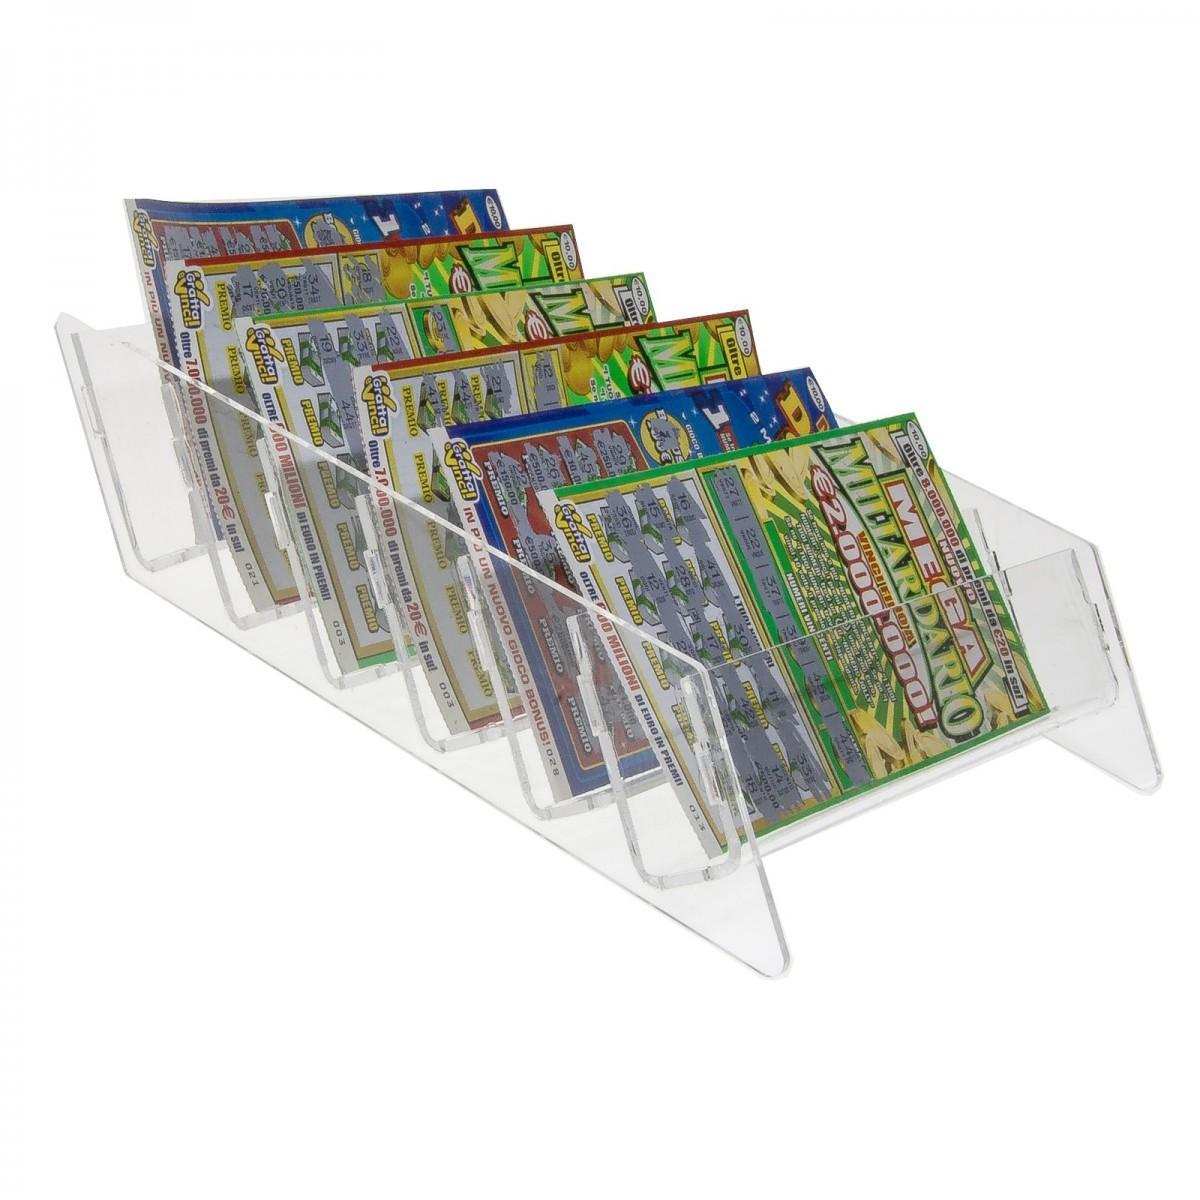 E-214 EGV - Espositore schedine e gratta e vinci da banco in plexiglass trasparente a 6 tasche - Misure: 23 x 28 x H6 cm